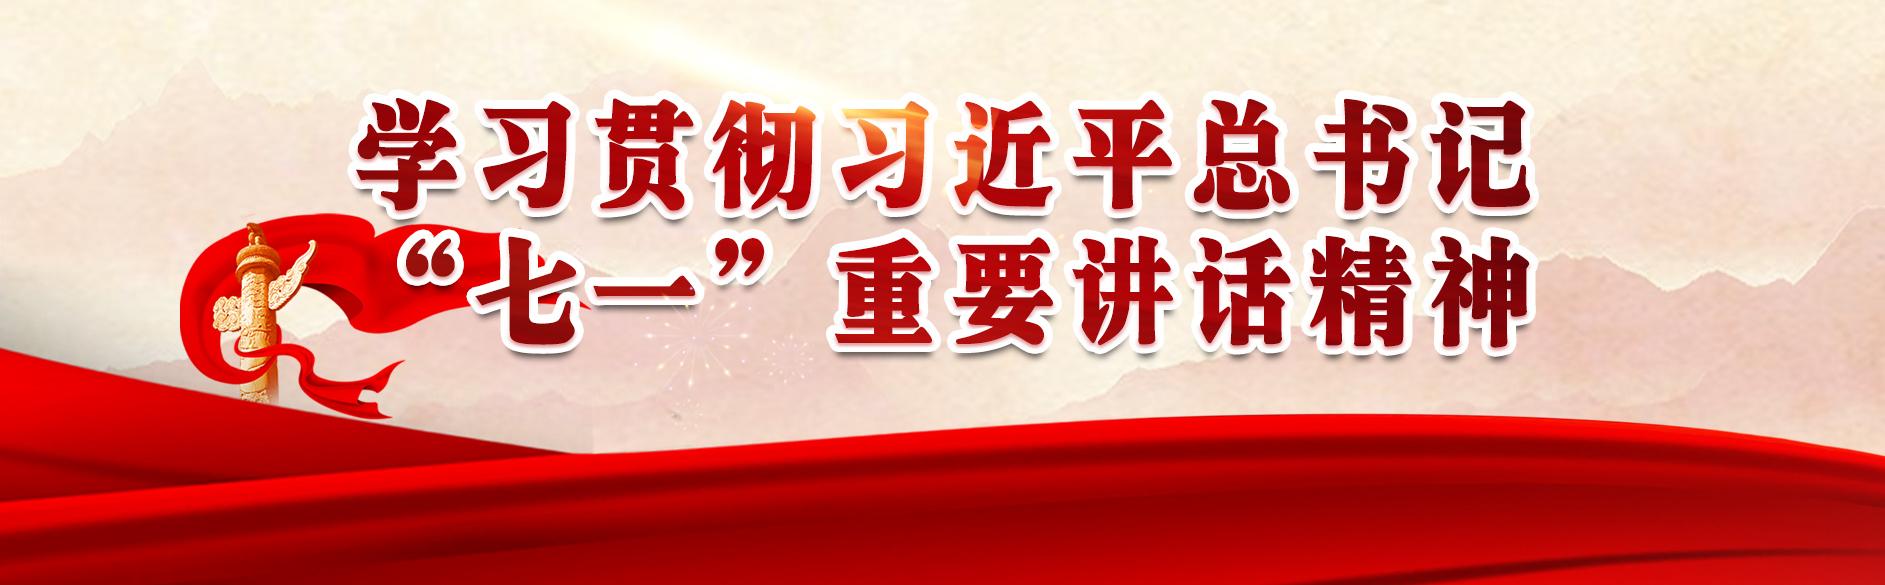 """學習貫徹習近平總書記""""七一""""重要講話精神"""